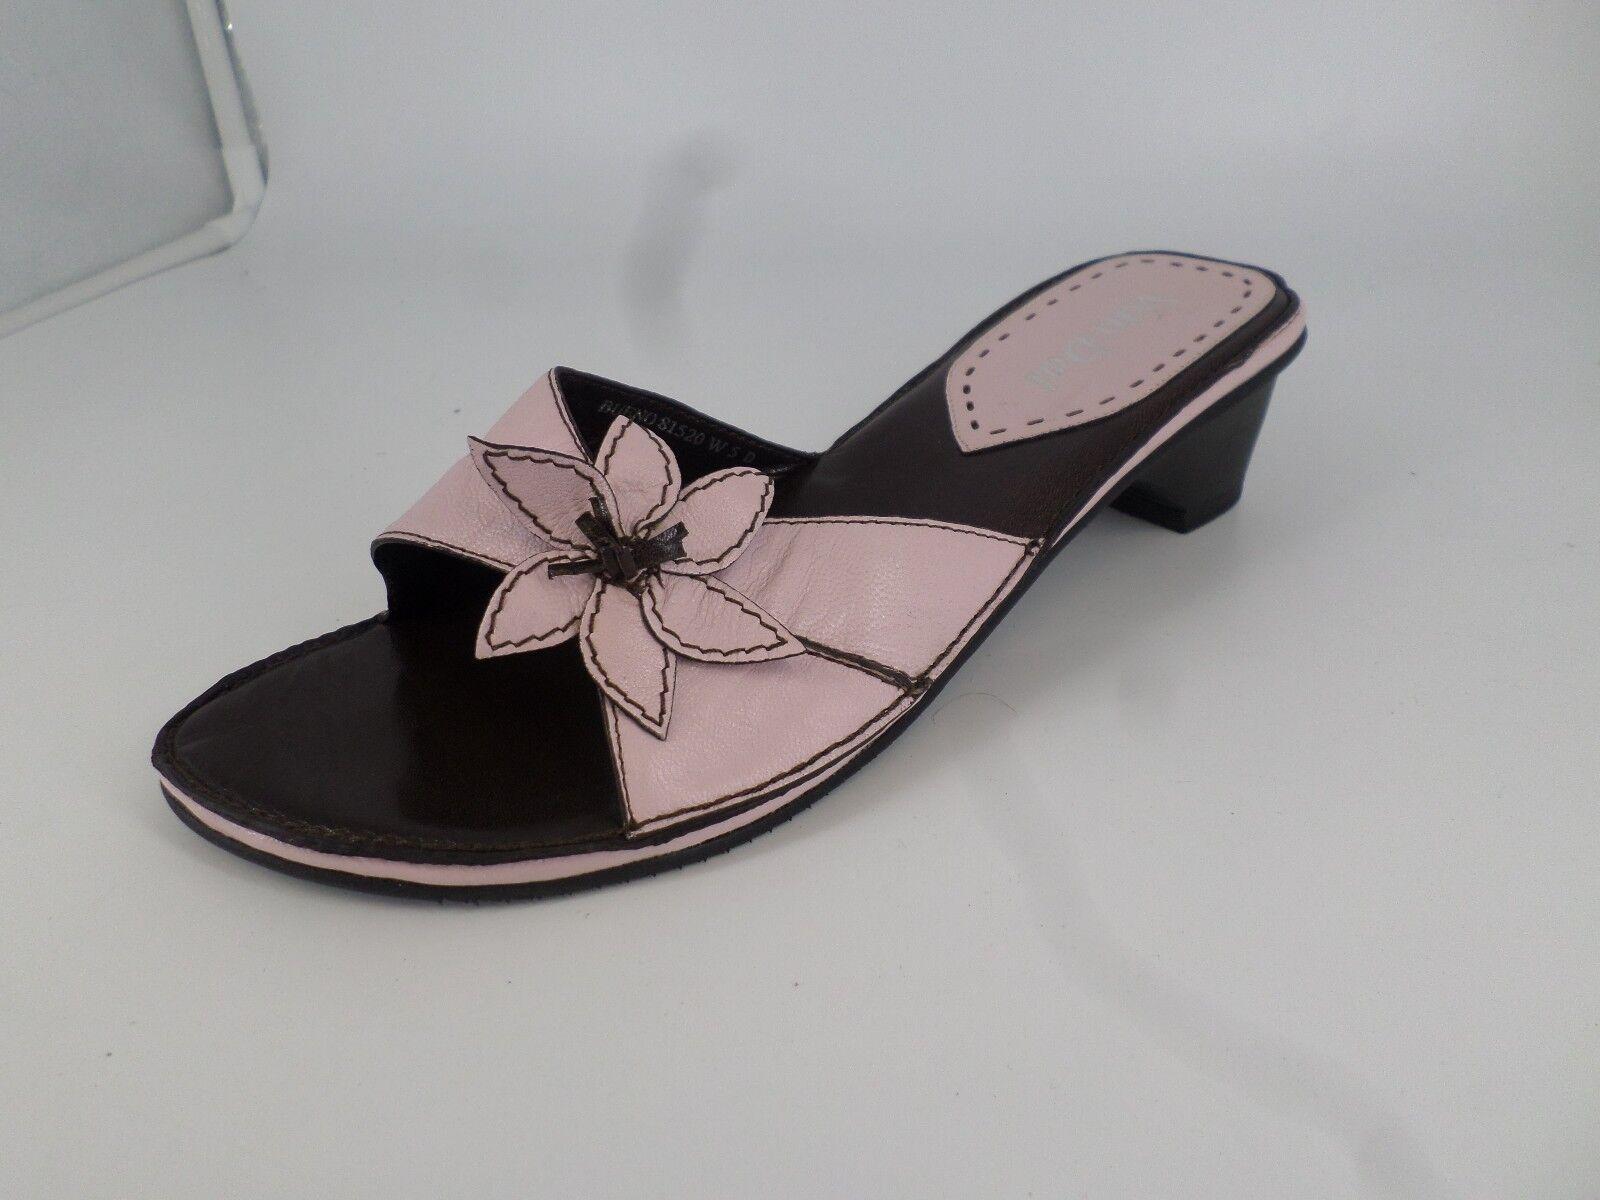 Van Dal femme mule à talon Chaussure'S Rose Taille UK 5 EU 38 NH086 HH 12